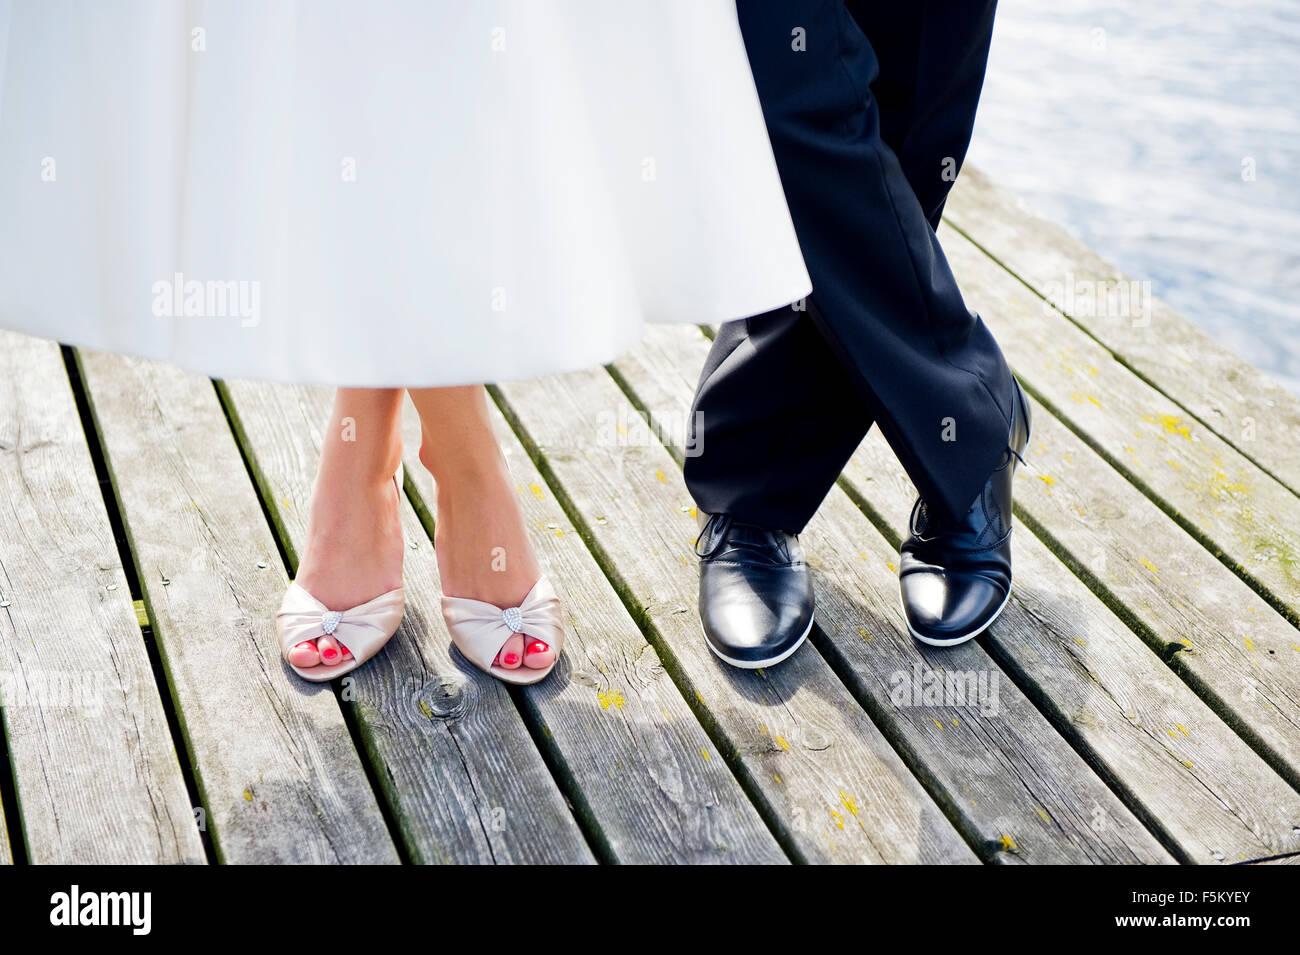 Füße von Mann und Frau stehen auf hölzernen Pier, Arholma, Uppland, Schweden Stockbild